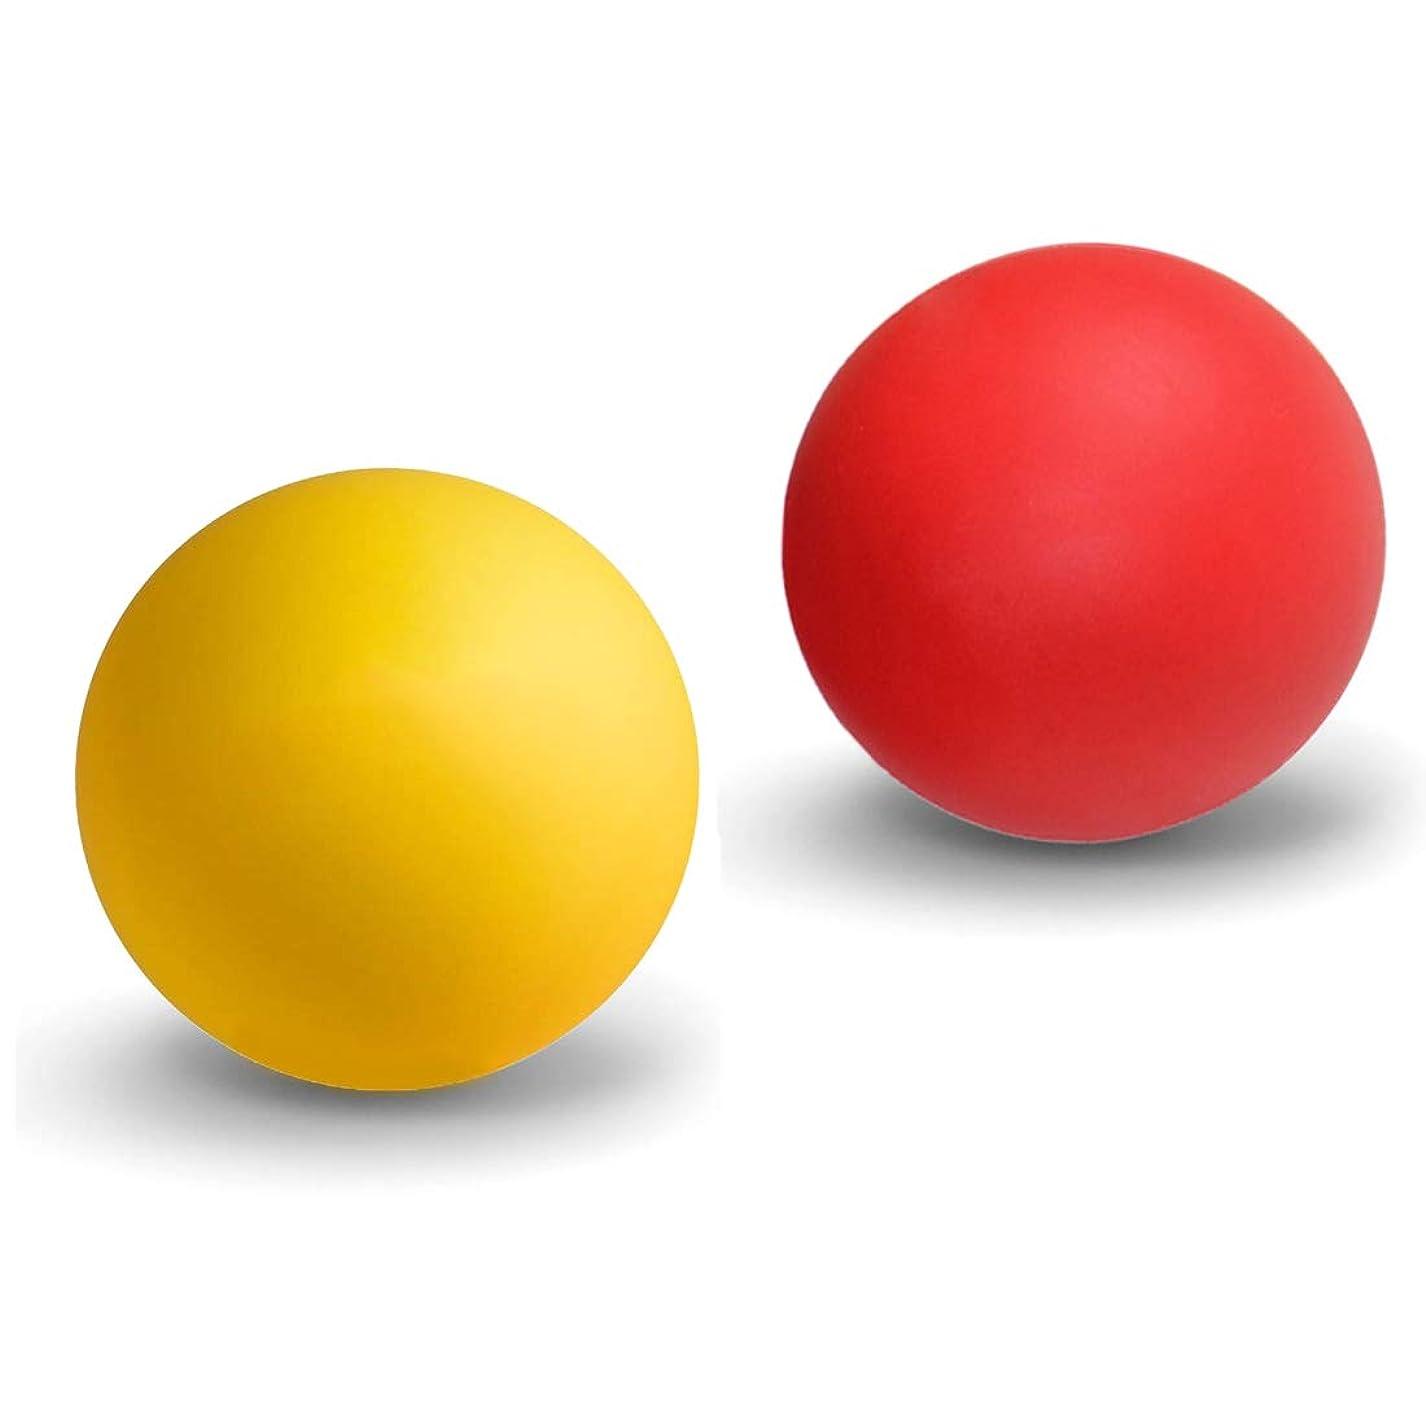 出席比率ゆるくマッサージボール ストレッチボール トリガーポイント ラクロスボール 筋膜リリース トレーニング 指圧ボールマッスルマッサージボール 背中 肩こり 腰 ふくらはぎ 足裏 ツボ押しグッズ 2で1組み合わせ 2個 セット